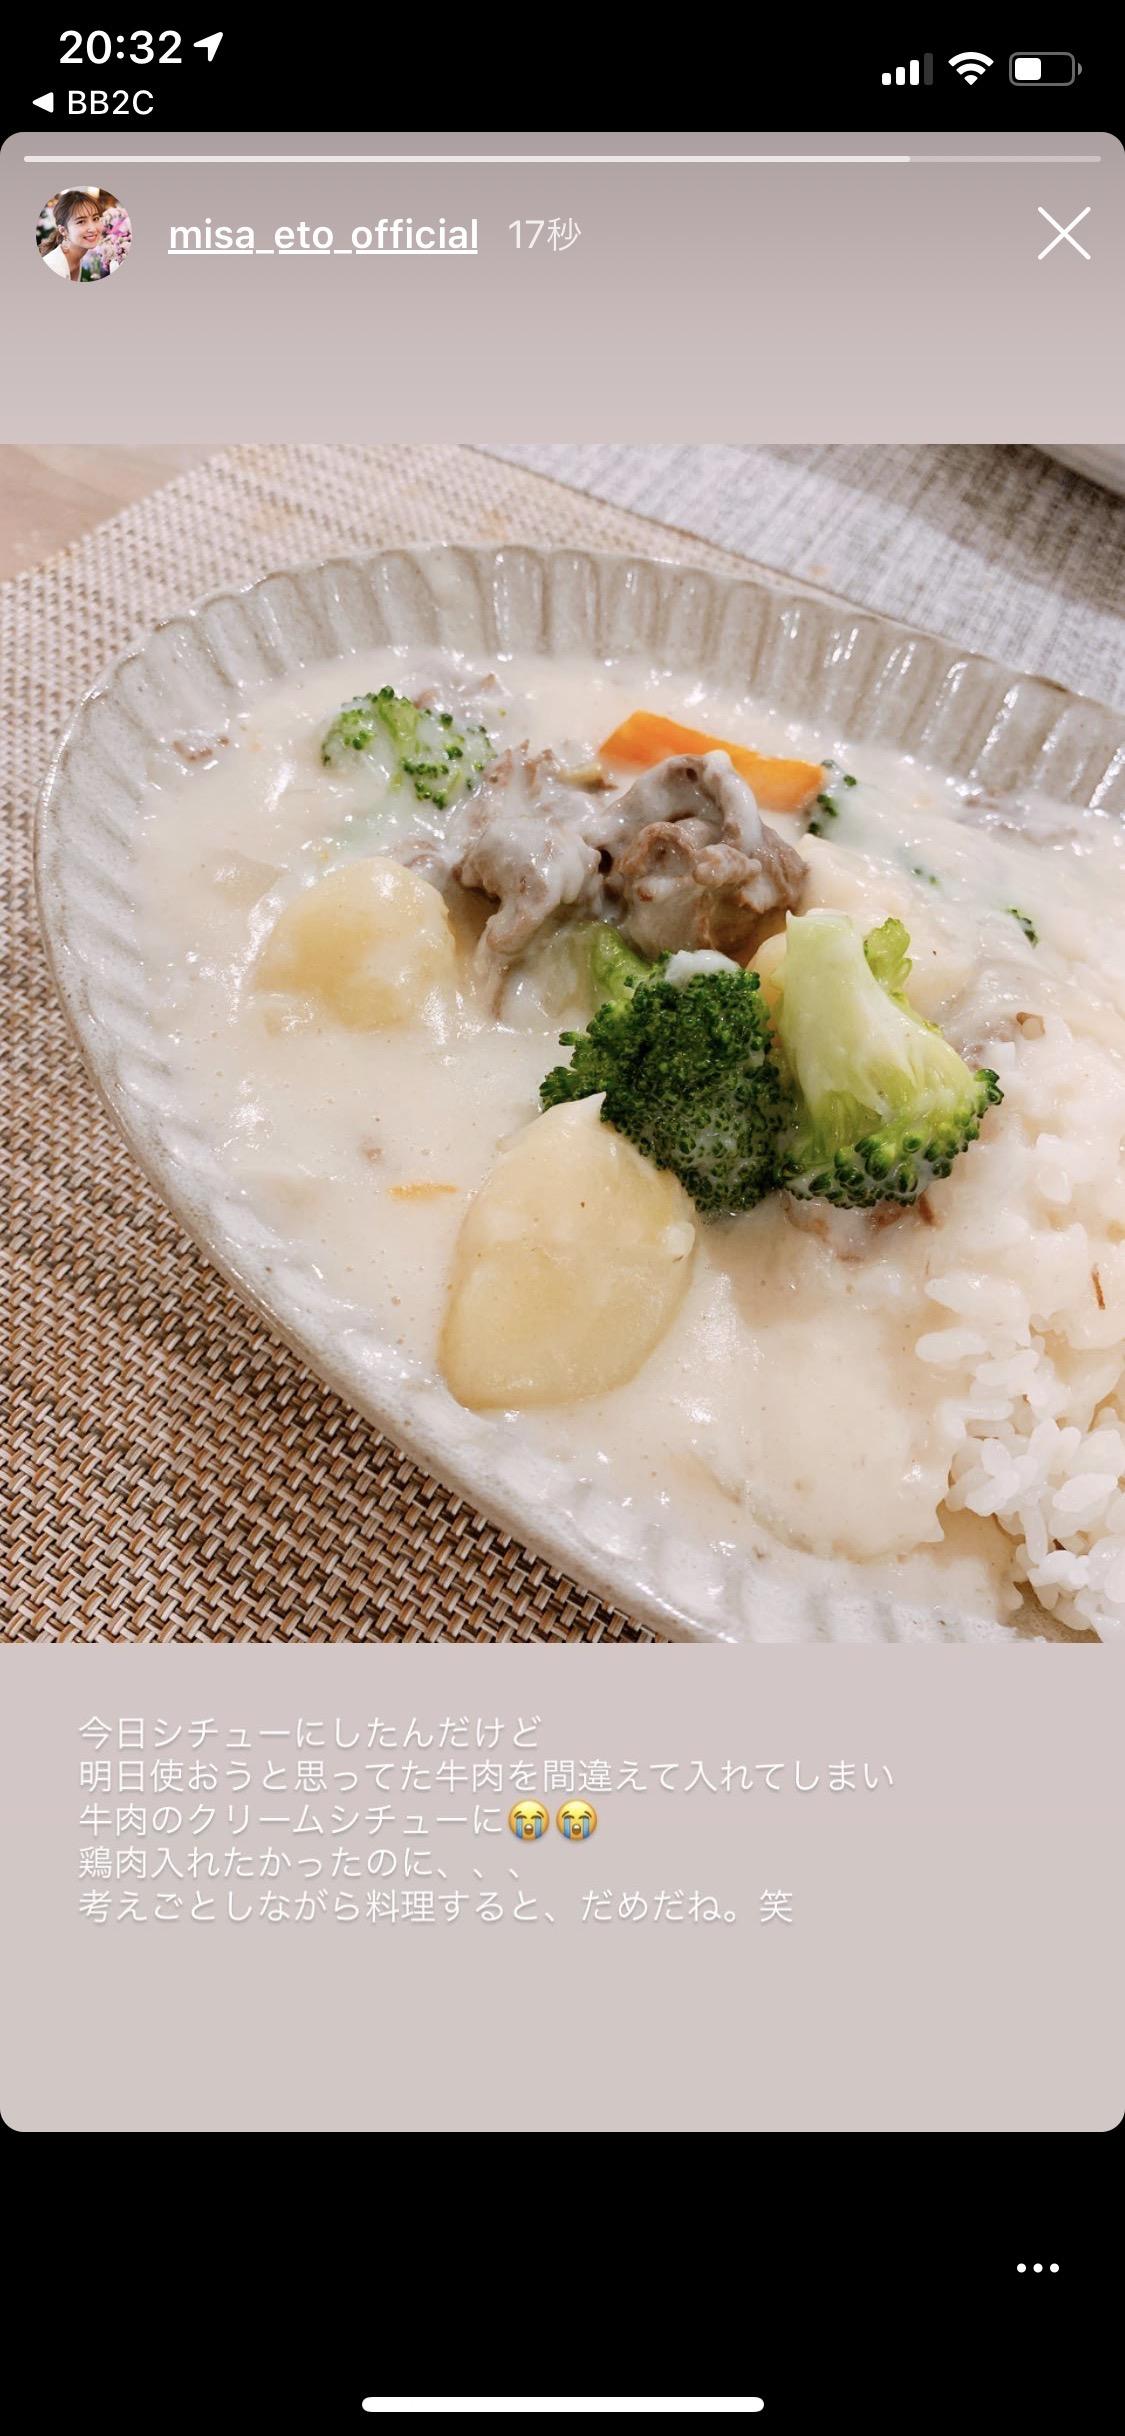 衛藤美彩のクリームシチューをご飯にかけた料理